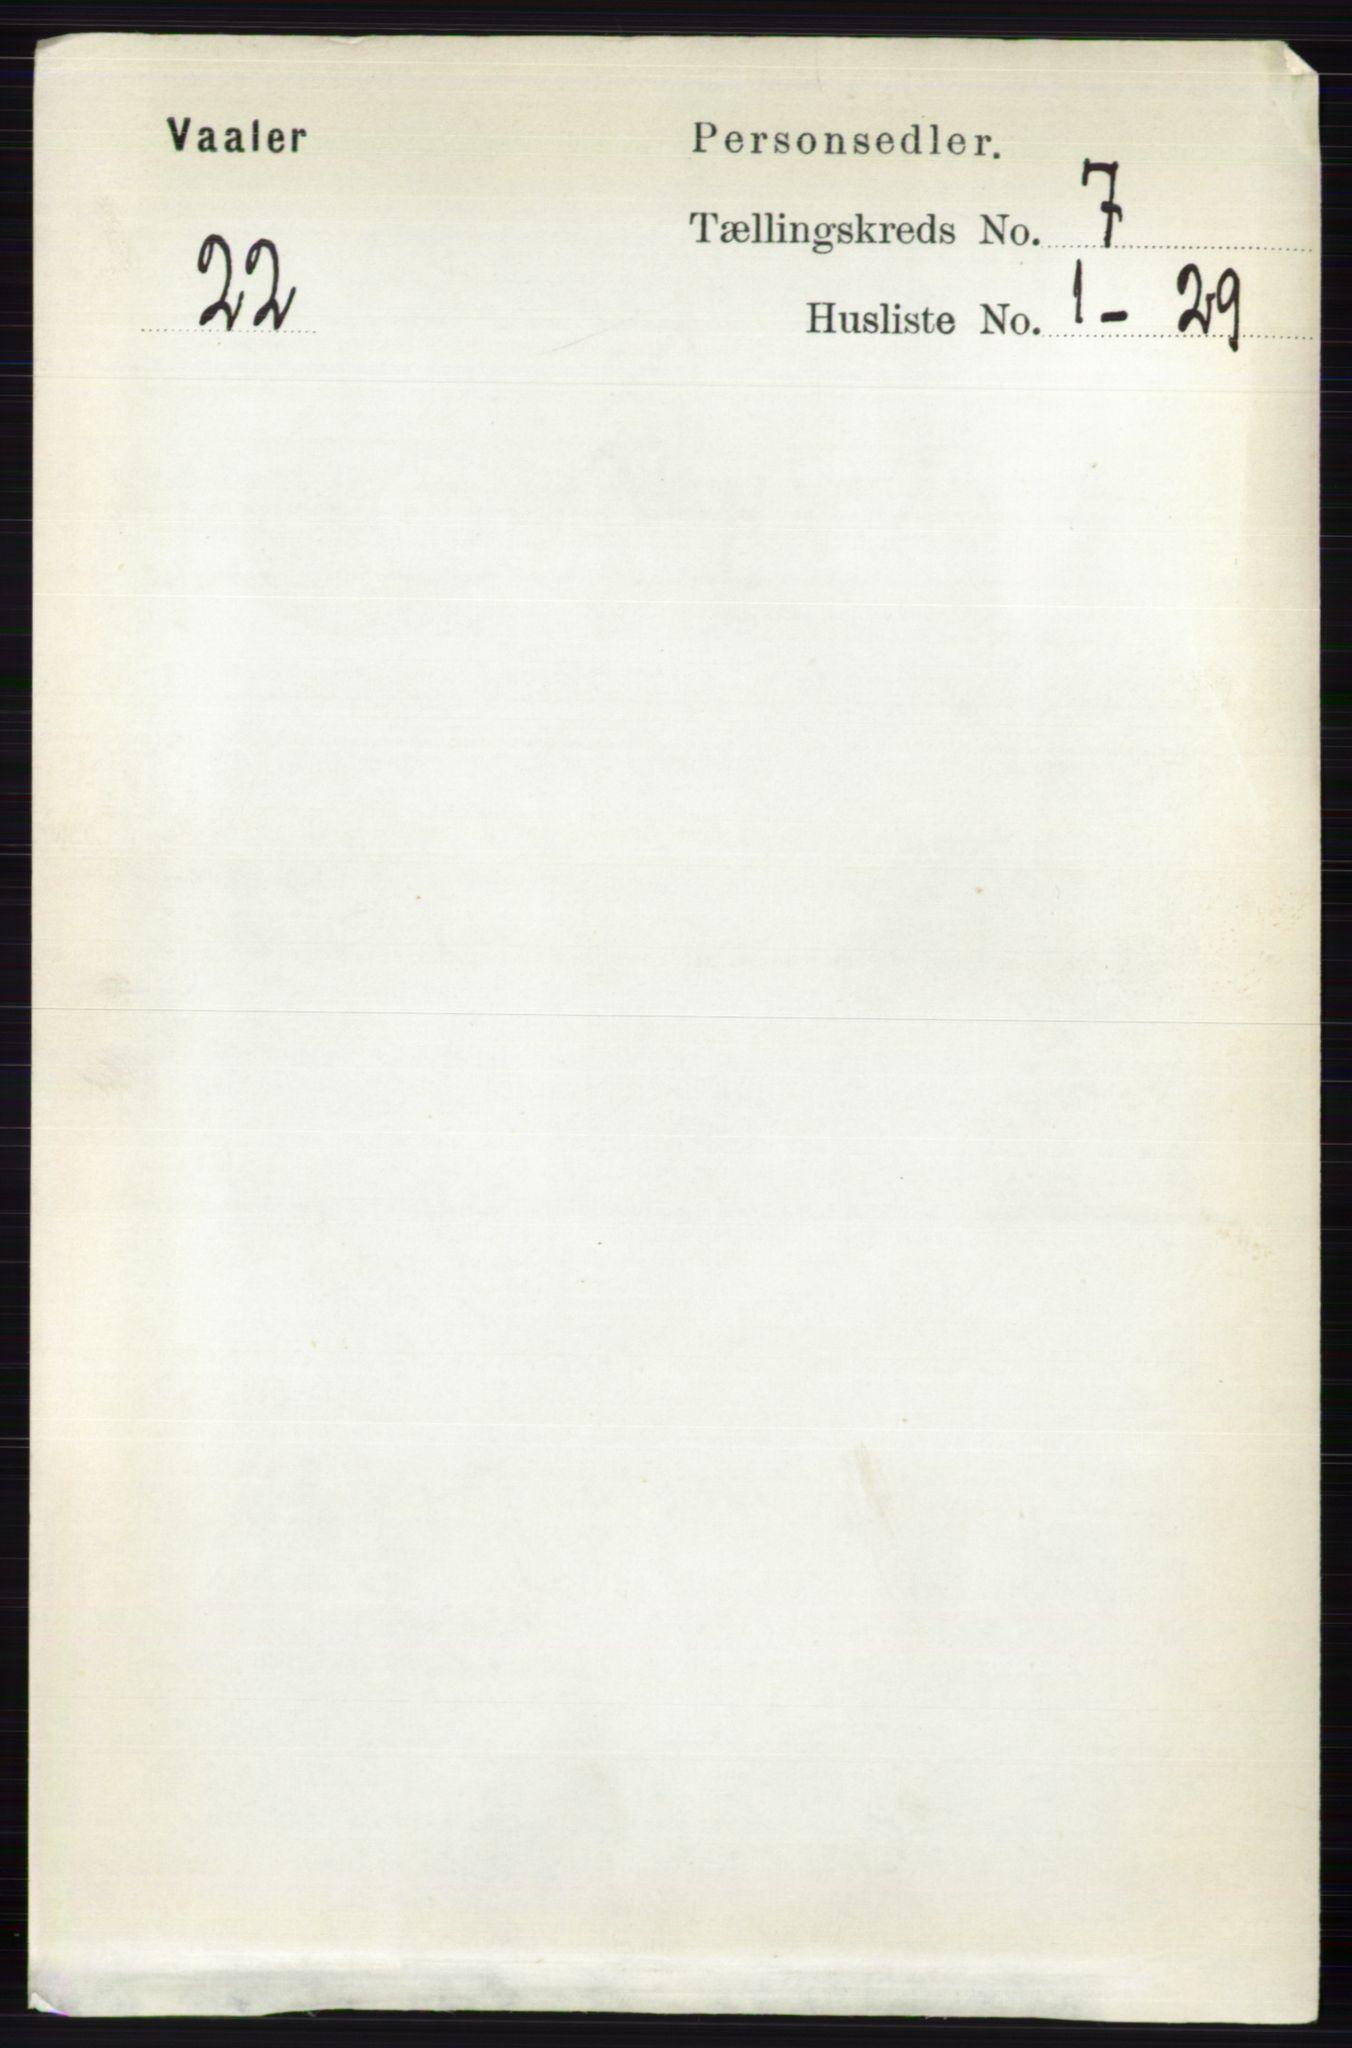 RA, Folketelling 1891 for 0426 Våler herred, 1891, s. 2924